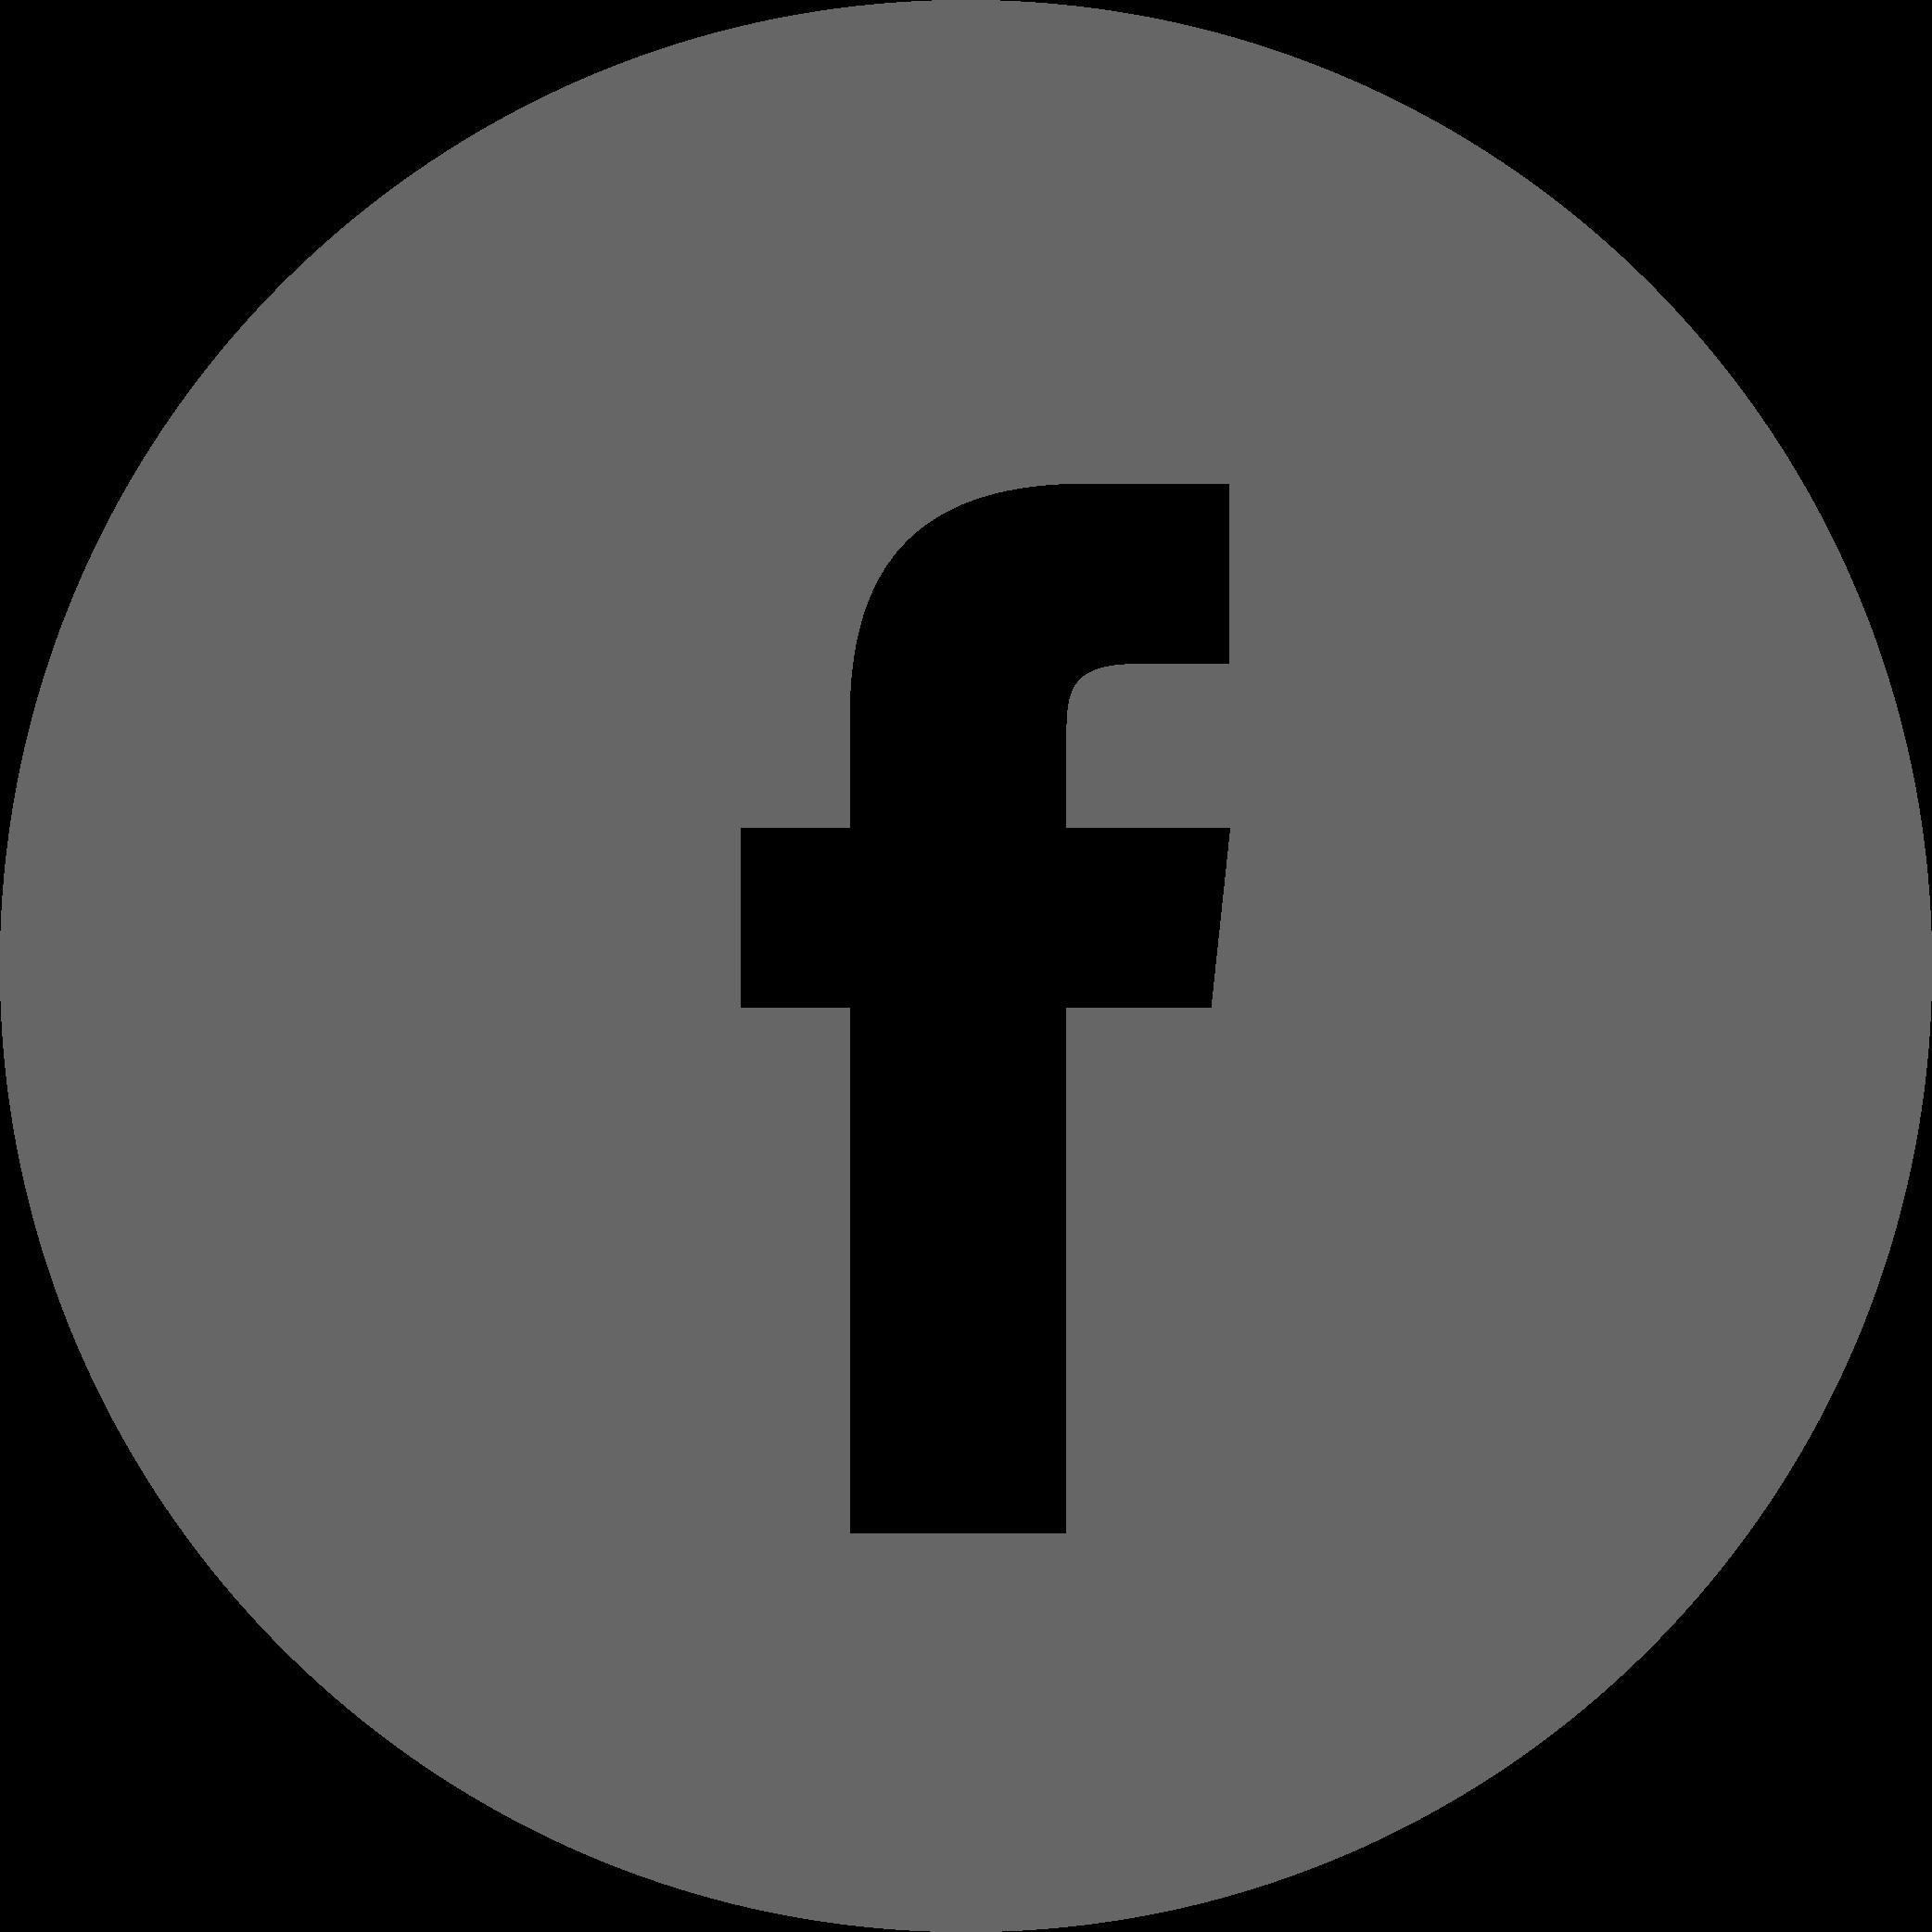 A gray Facebook icon.